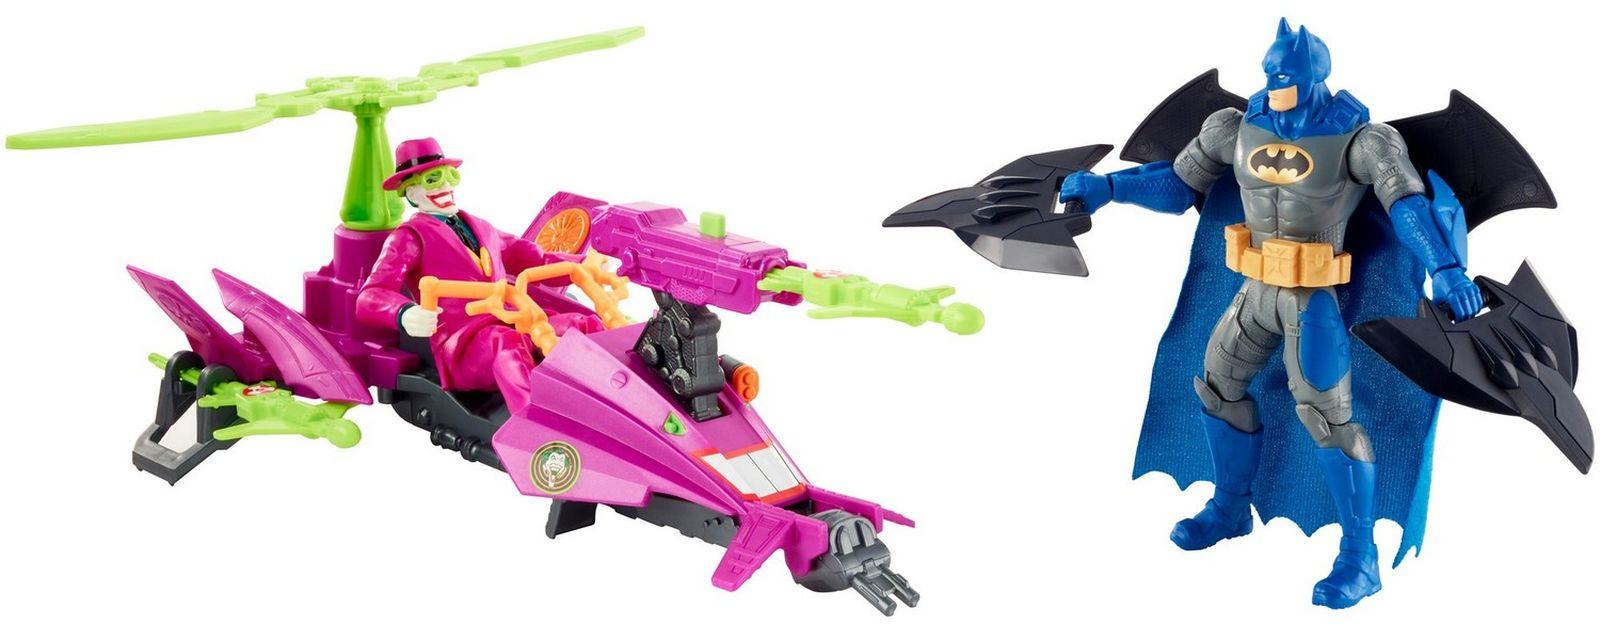 Сюжетно-ролевая игрушка Batman Бэтмен против Джокера, GHL90